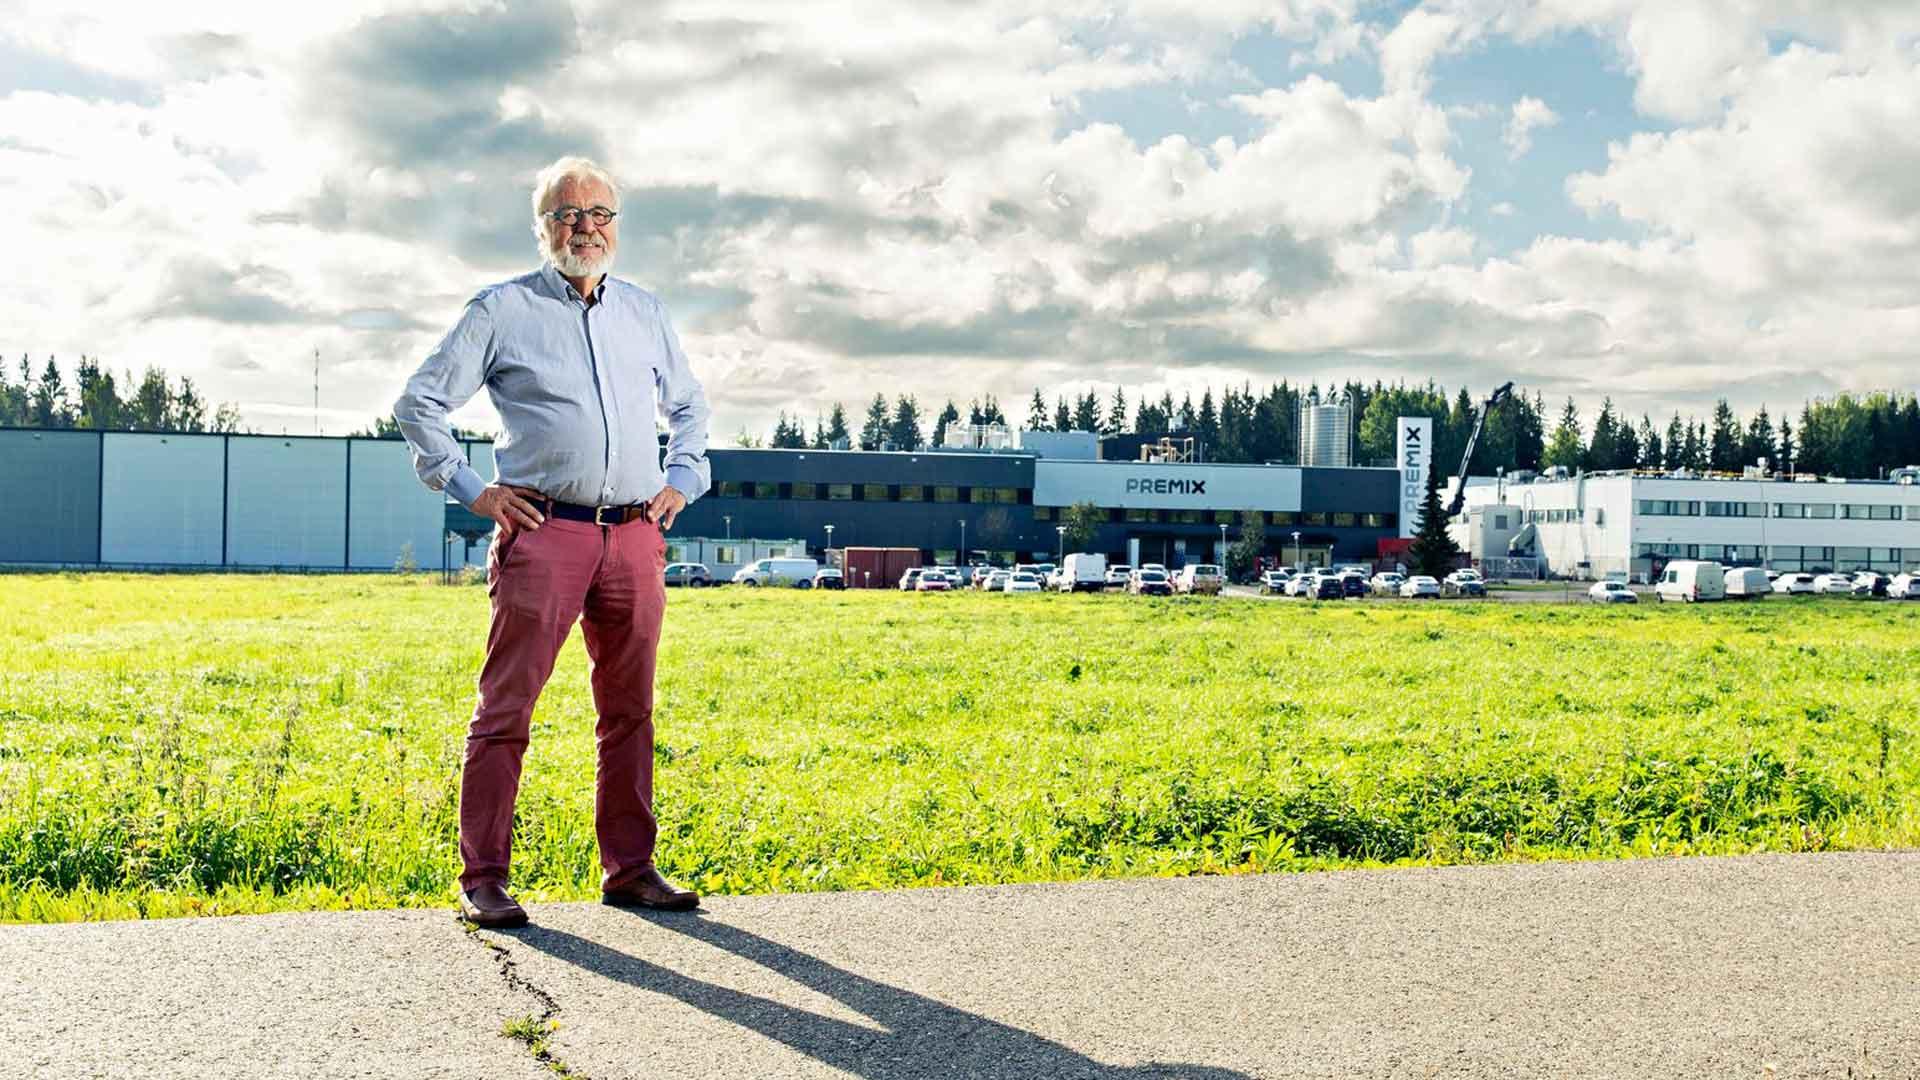 Antti Kiikka kertoo, että hänen kirjansa AK - Sadan Vuoden Urakka ei ole varsinaisesti myynnissä, mutta sen saa omakseen lahjoittamalla  25 € tai enemmän Koulutus Elämään -säätiölle, joka tukee lasten terveitä elämäntapoja.